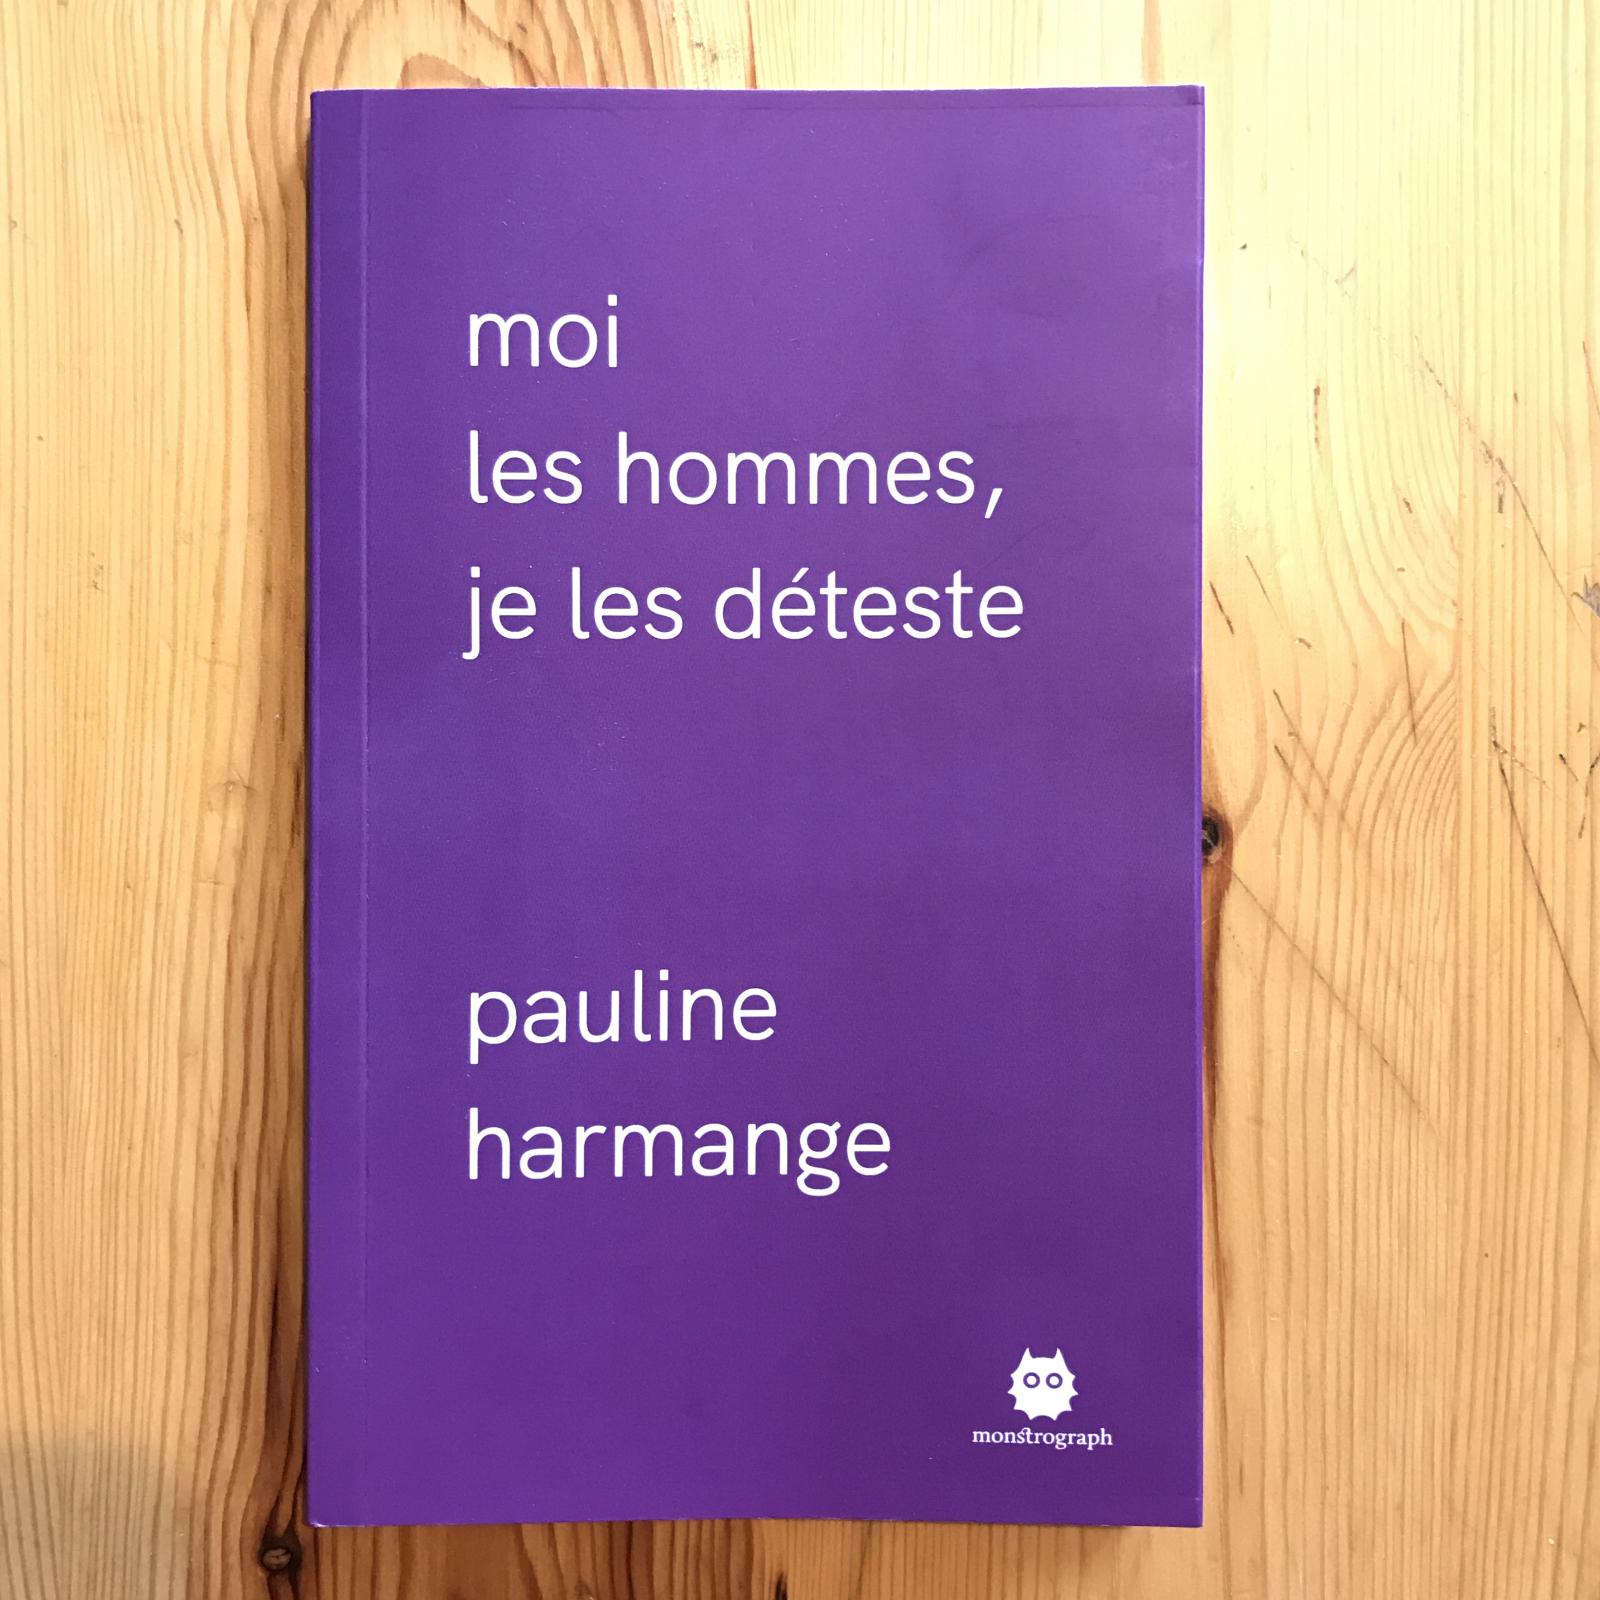 Én utálom a férfiakat: irodalmi szenzáció lett Franciaországban a férfiutálat jogáról szóló könyvből